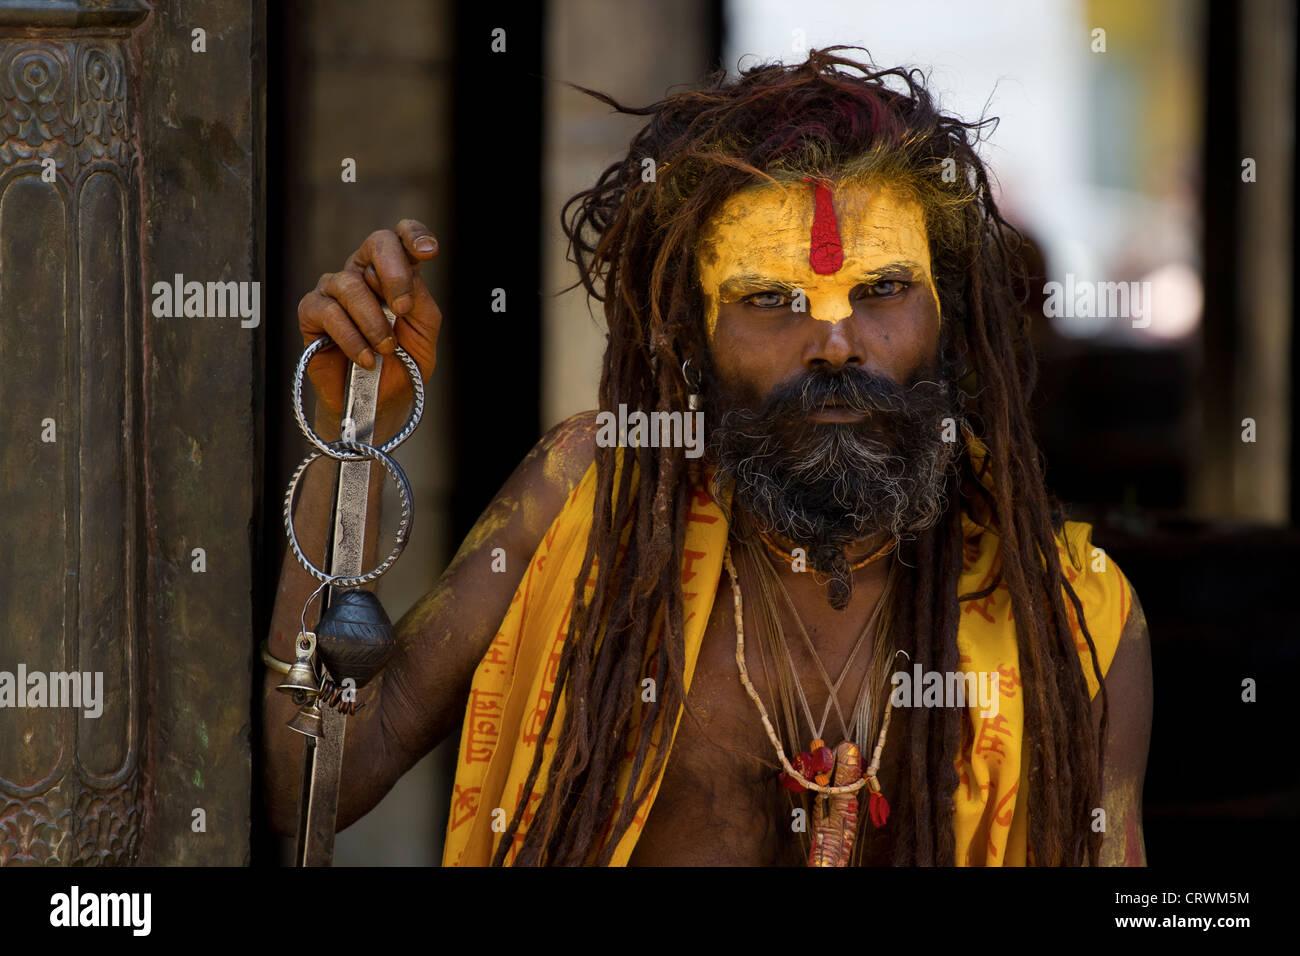 Sadhu in Nepal - Stock Image